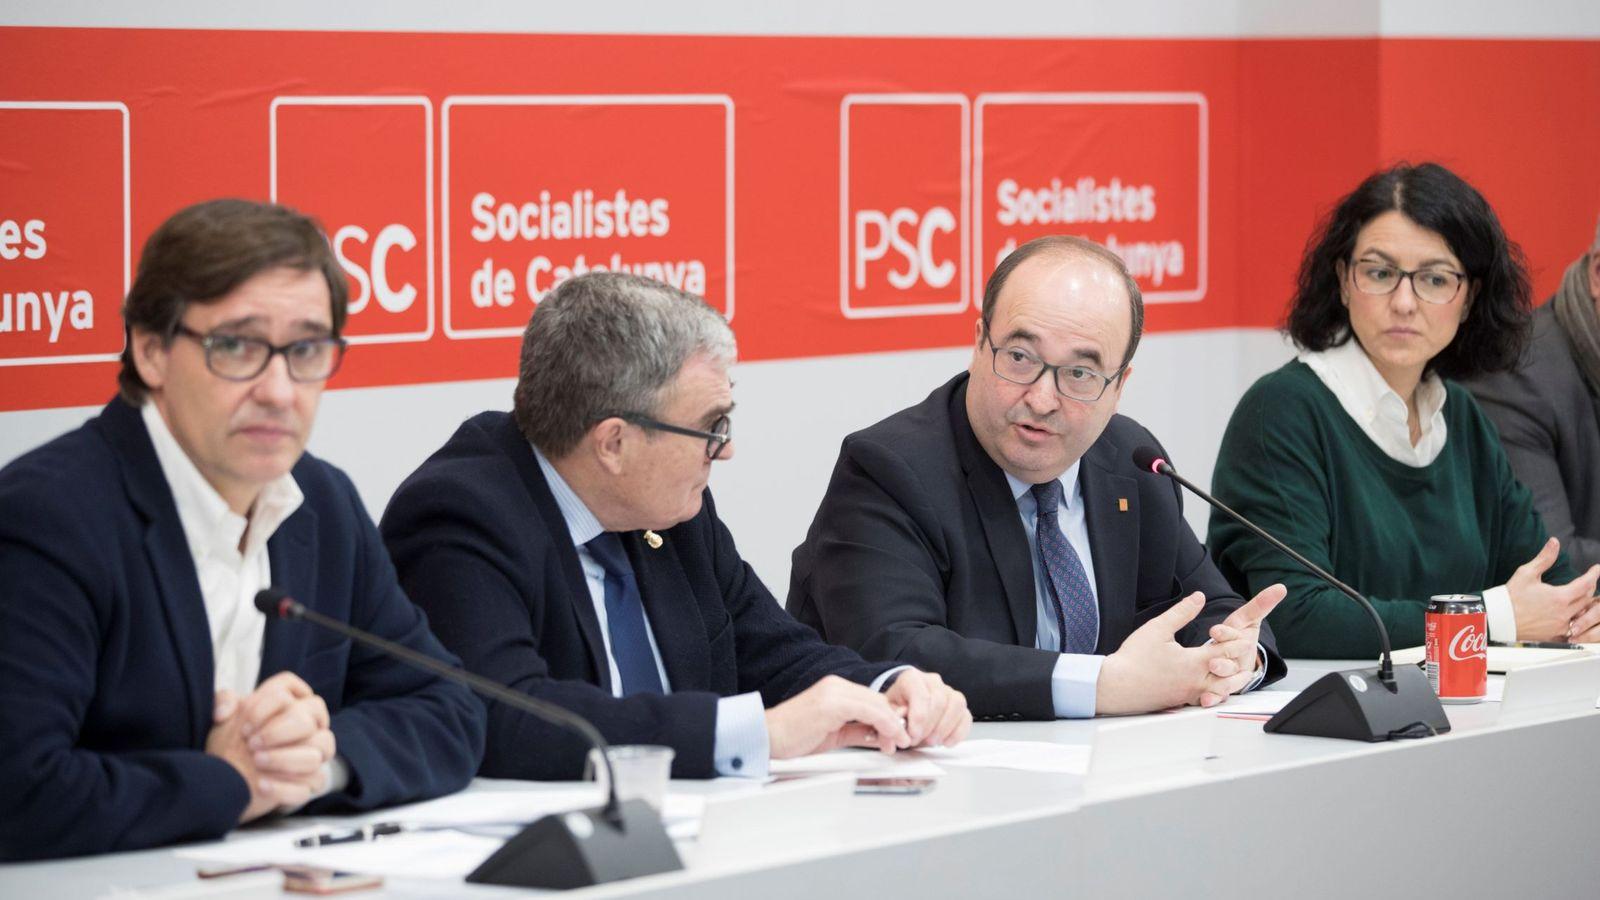 Foto: Imagen de archivo de la comisión ejecutiva del PSC. (EFE)